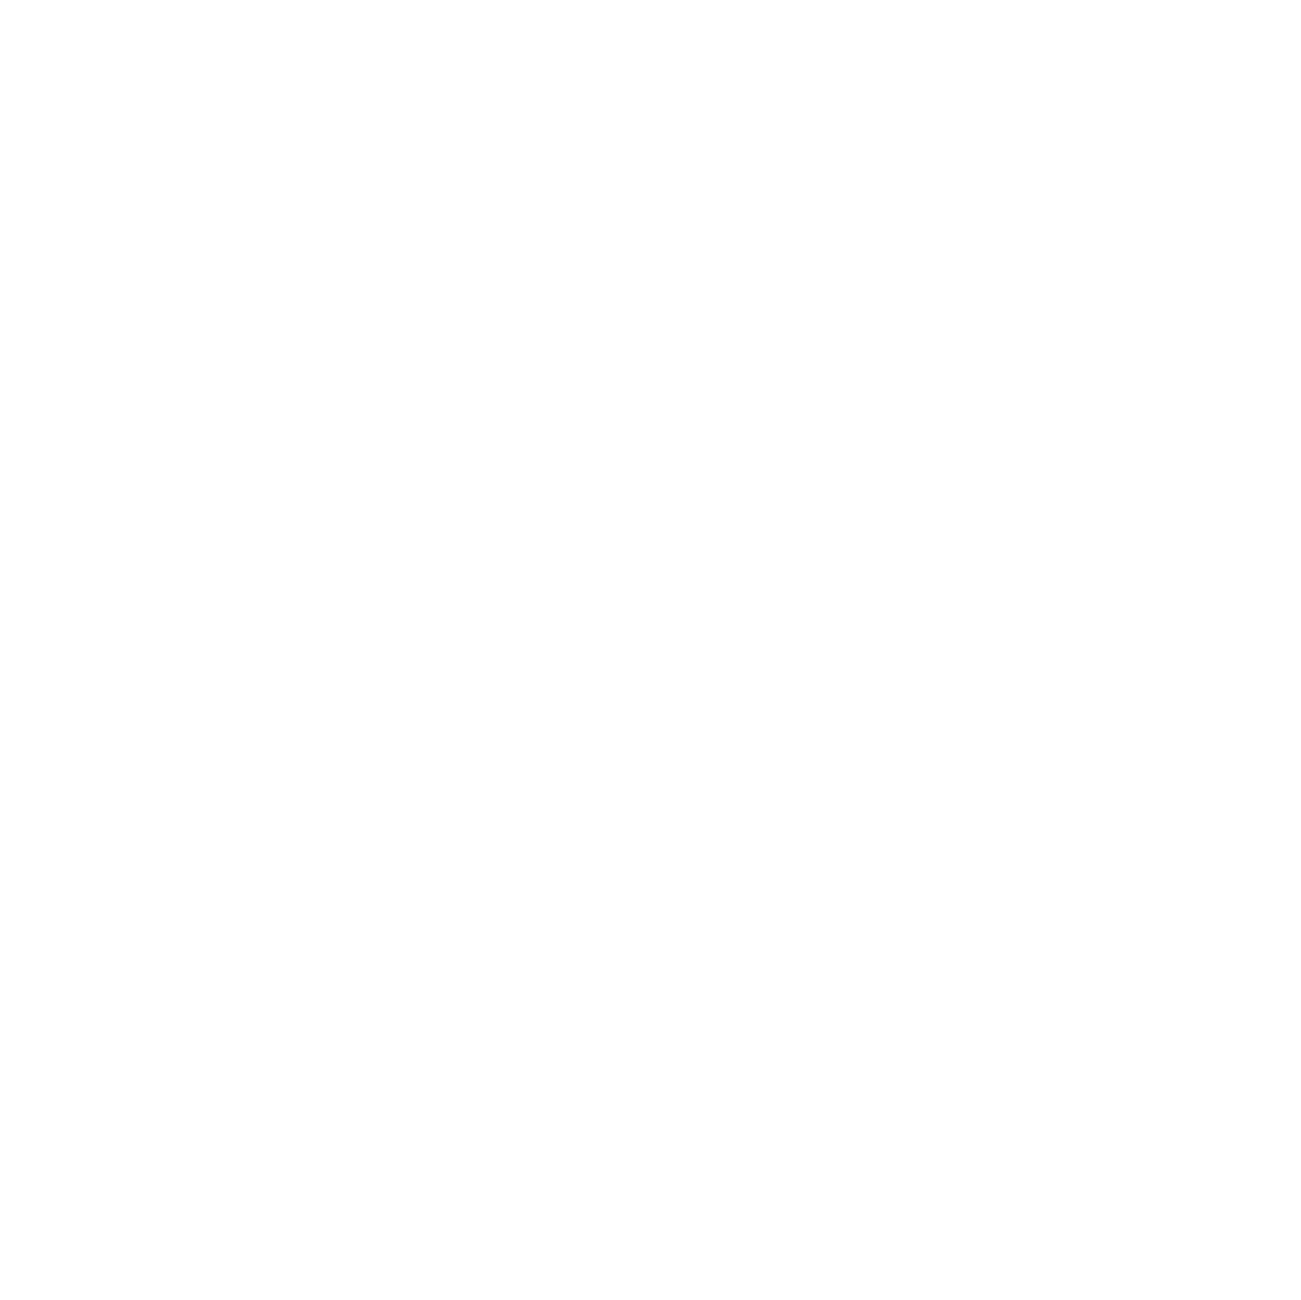 Fahrschule Ost